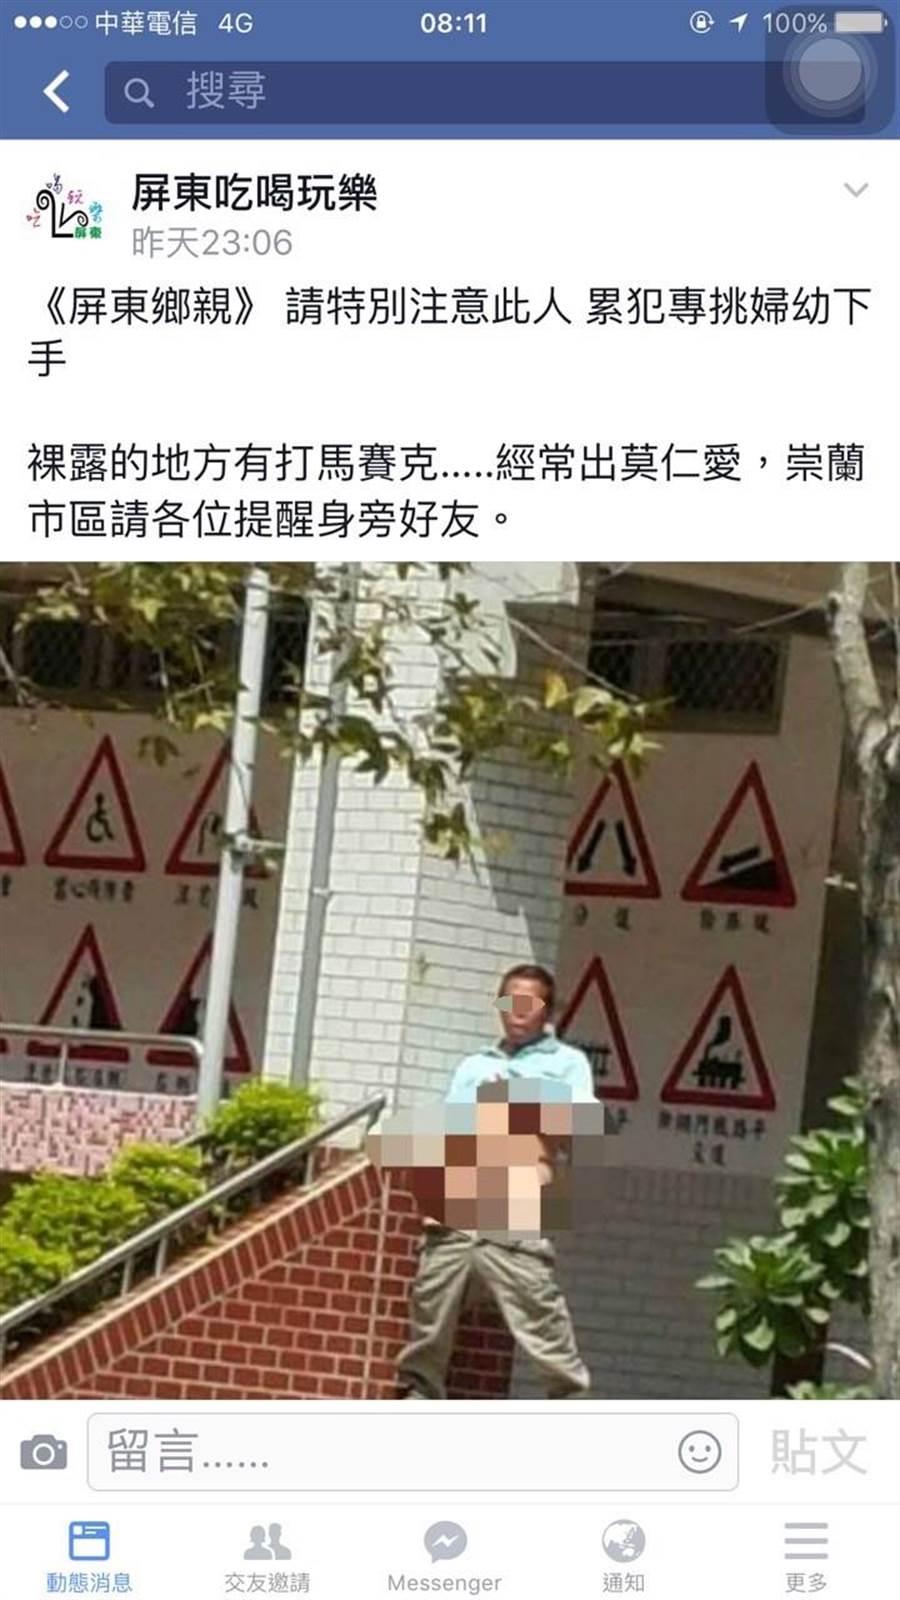 61歲柯男遛鳥照片被上傳臉書,提醒民眾注意。(翻攝網路)